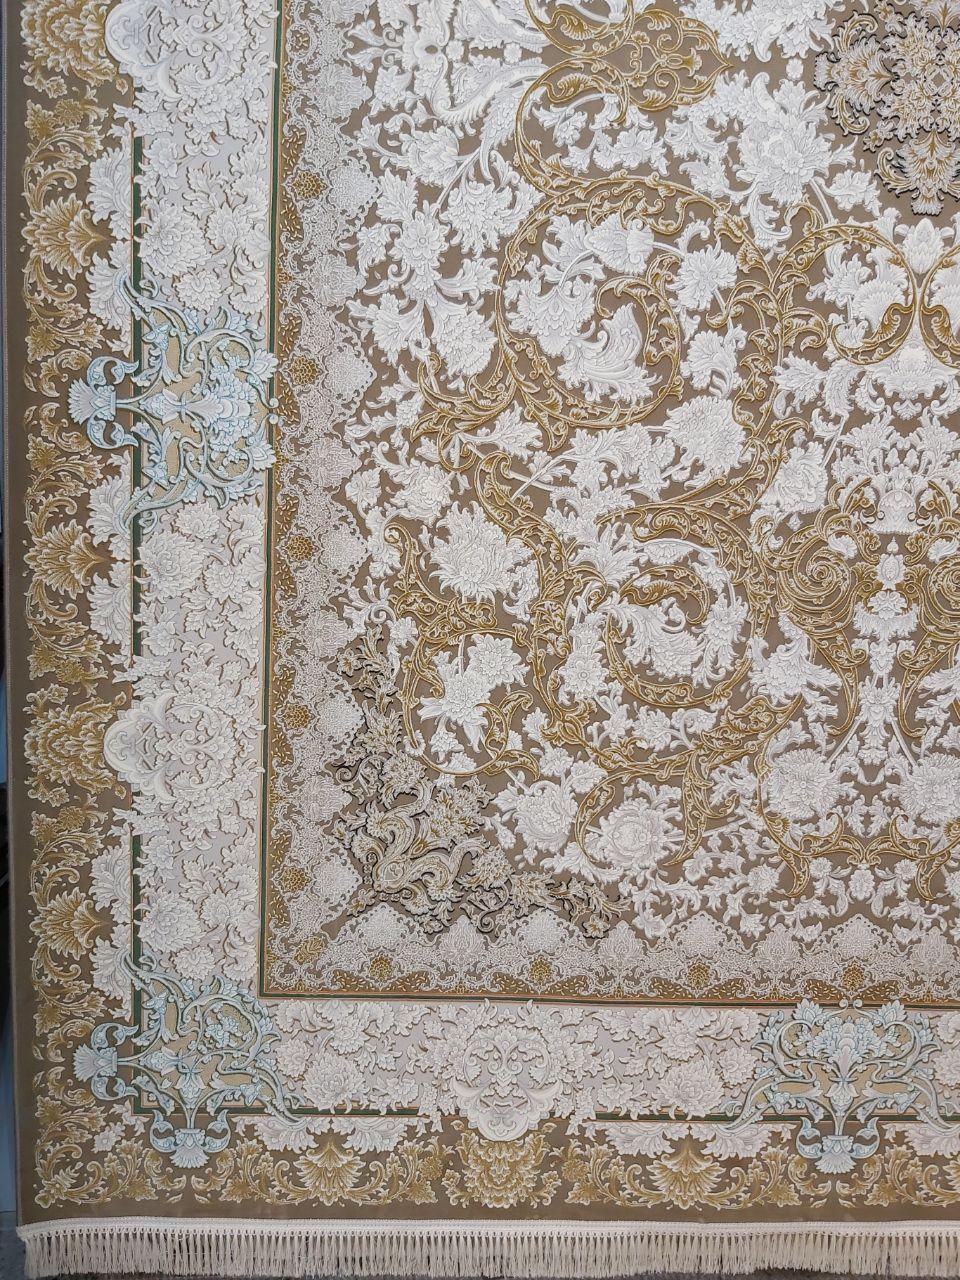 فرش 1200 شانه گل برجسته نقشه آرمان زمینه نسکافه ای